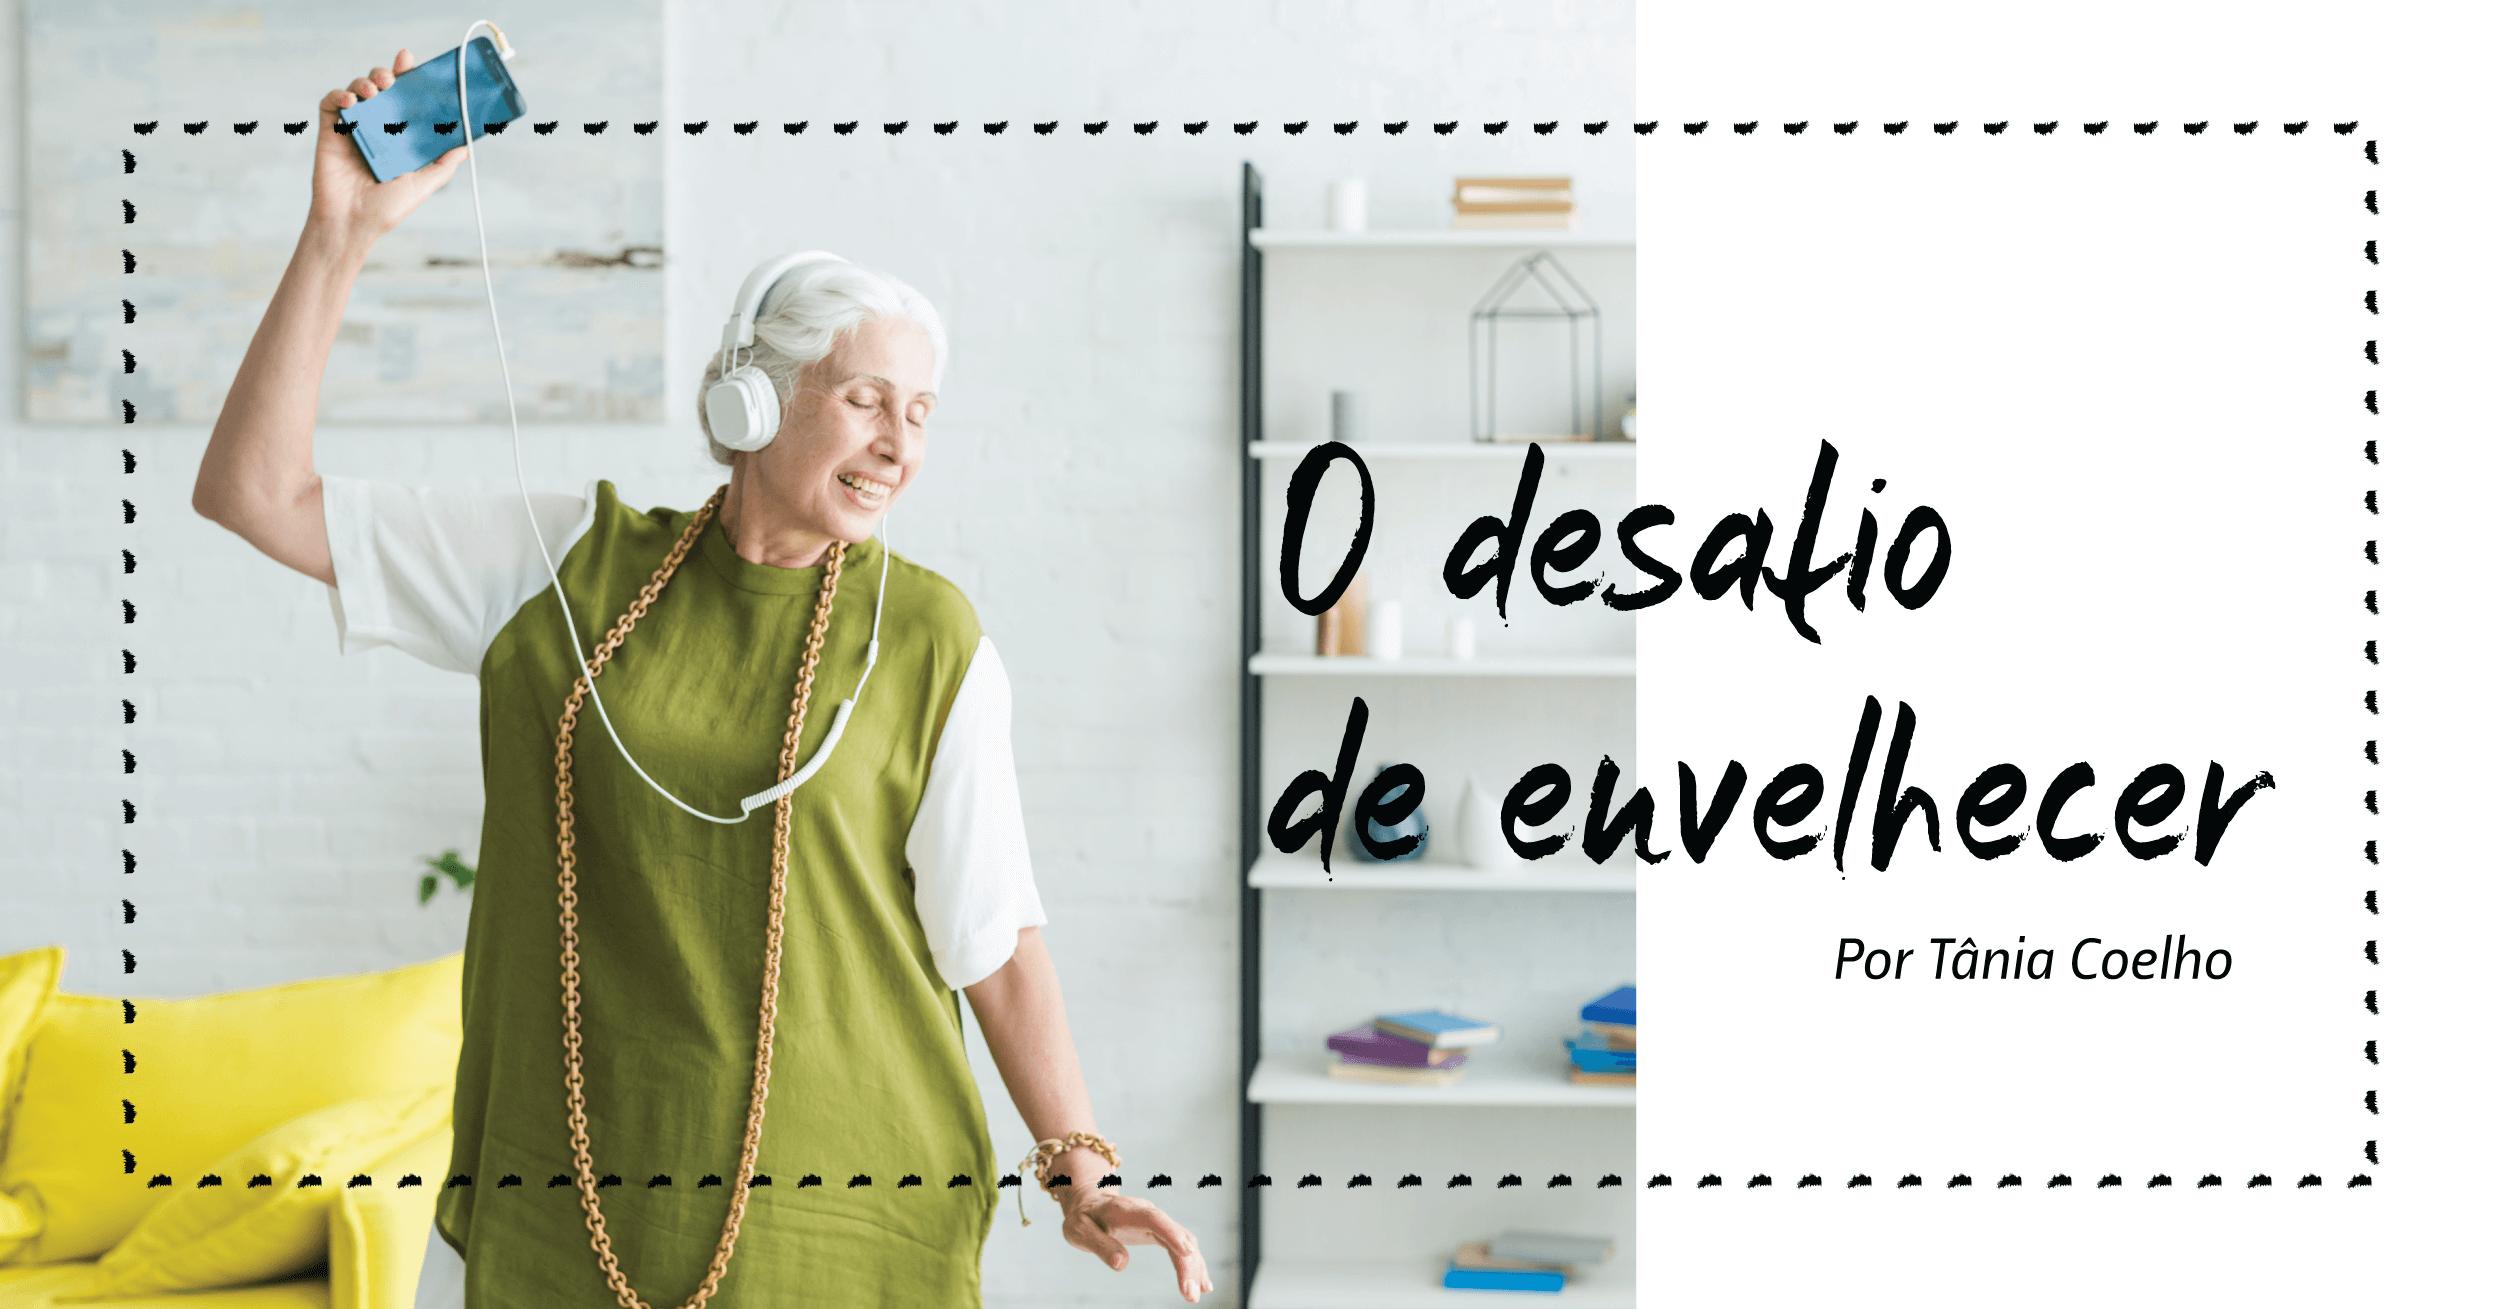 O desafio de envelhecer